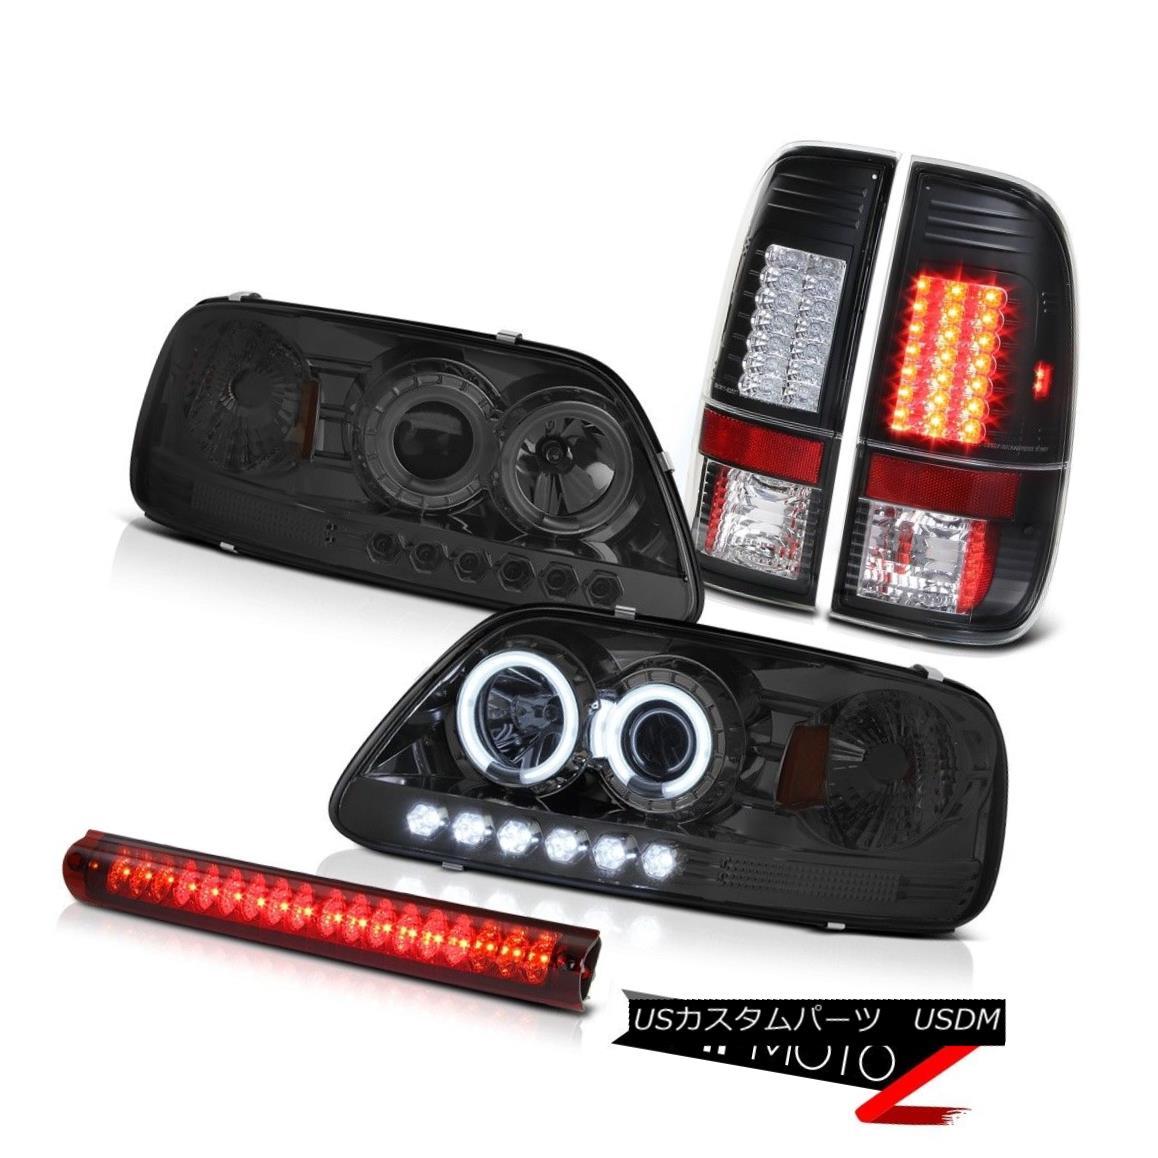 テールライト Brightest Angel Eye Headlight SMD Tail Lights Roof Brake 1999 2000 2001 F150 XLT 最も明るいエンジェルアイヘッドライトSMDテールライトルーフブレーキ1999 2000 2001 F150 XLT